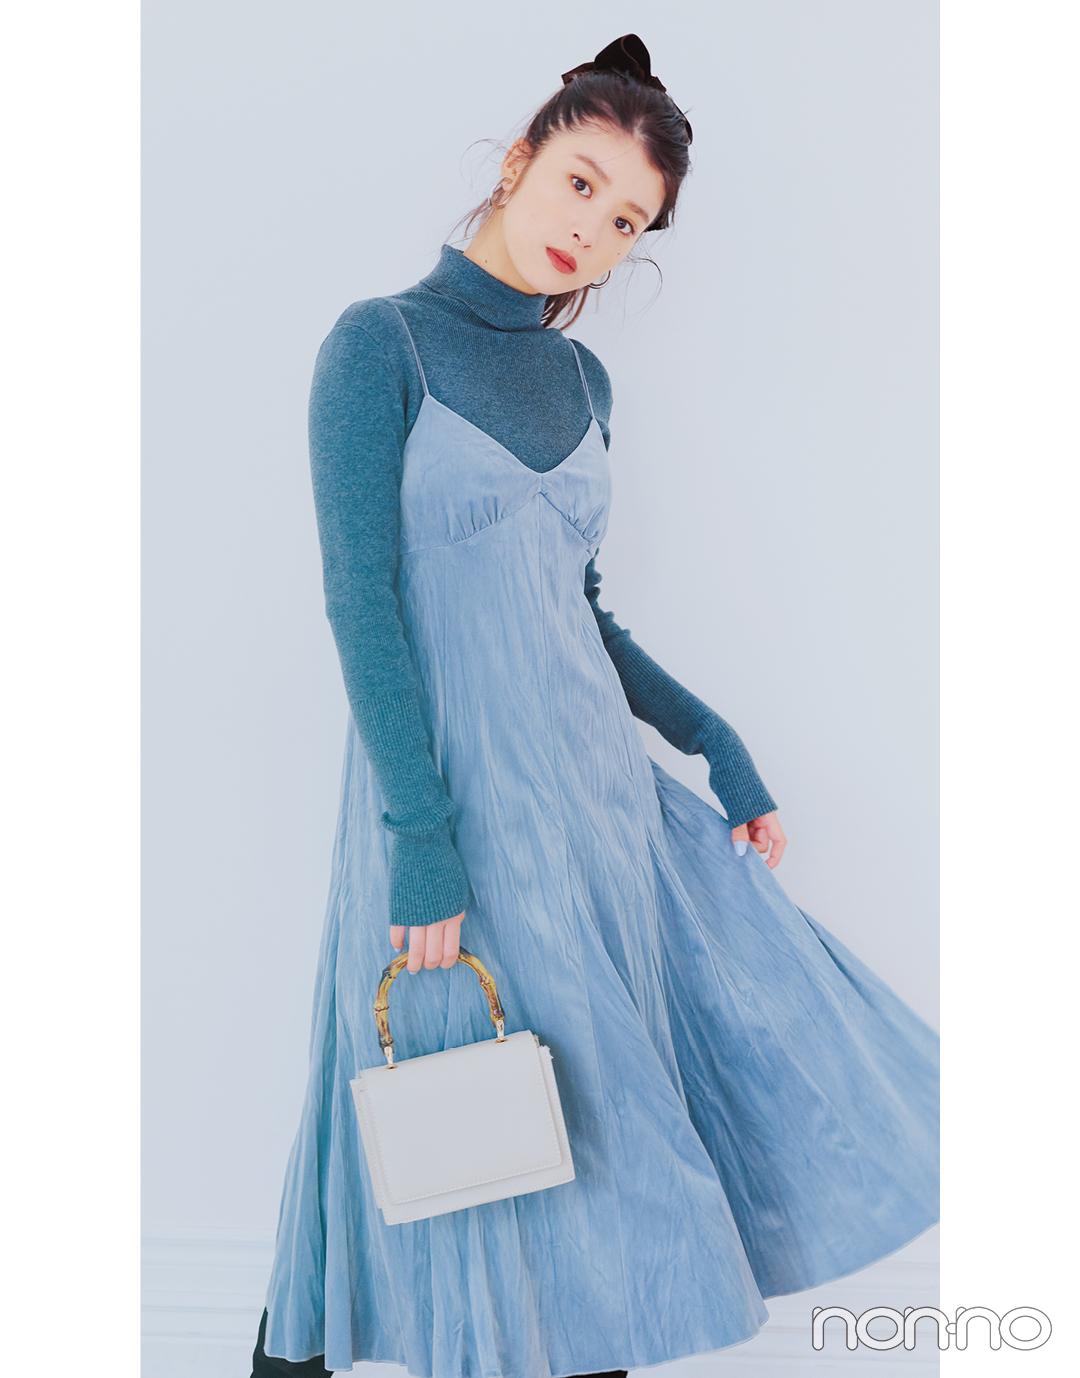 春色ブルーなら、スモーキーな色みが正解! 即買いしたい6着をお届け♡  _1_2